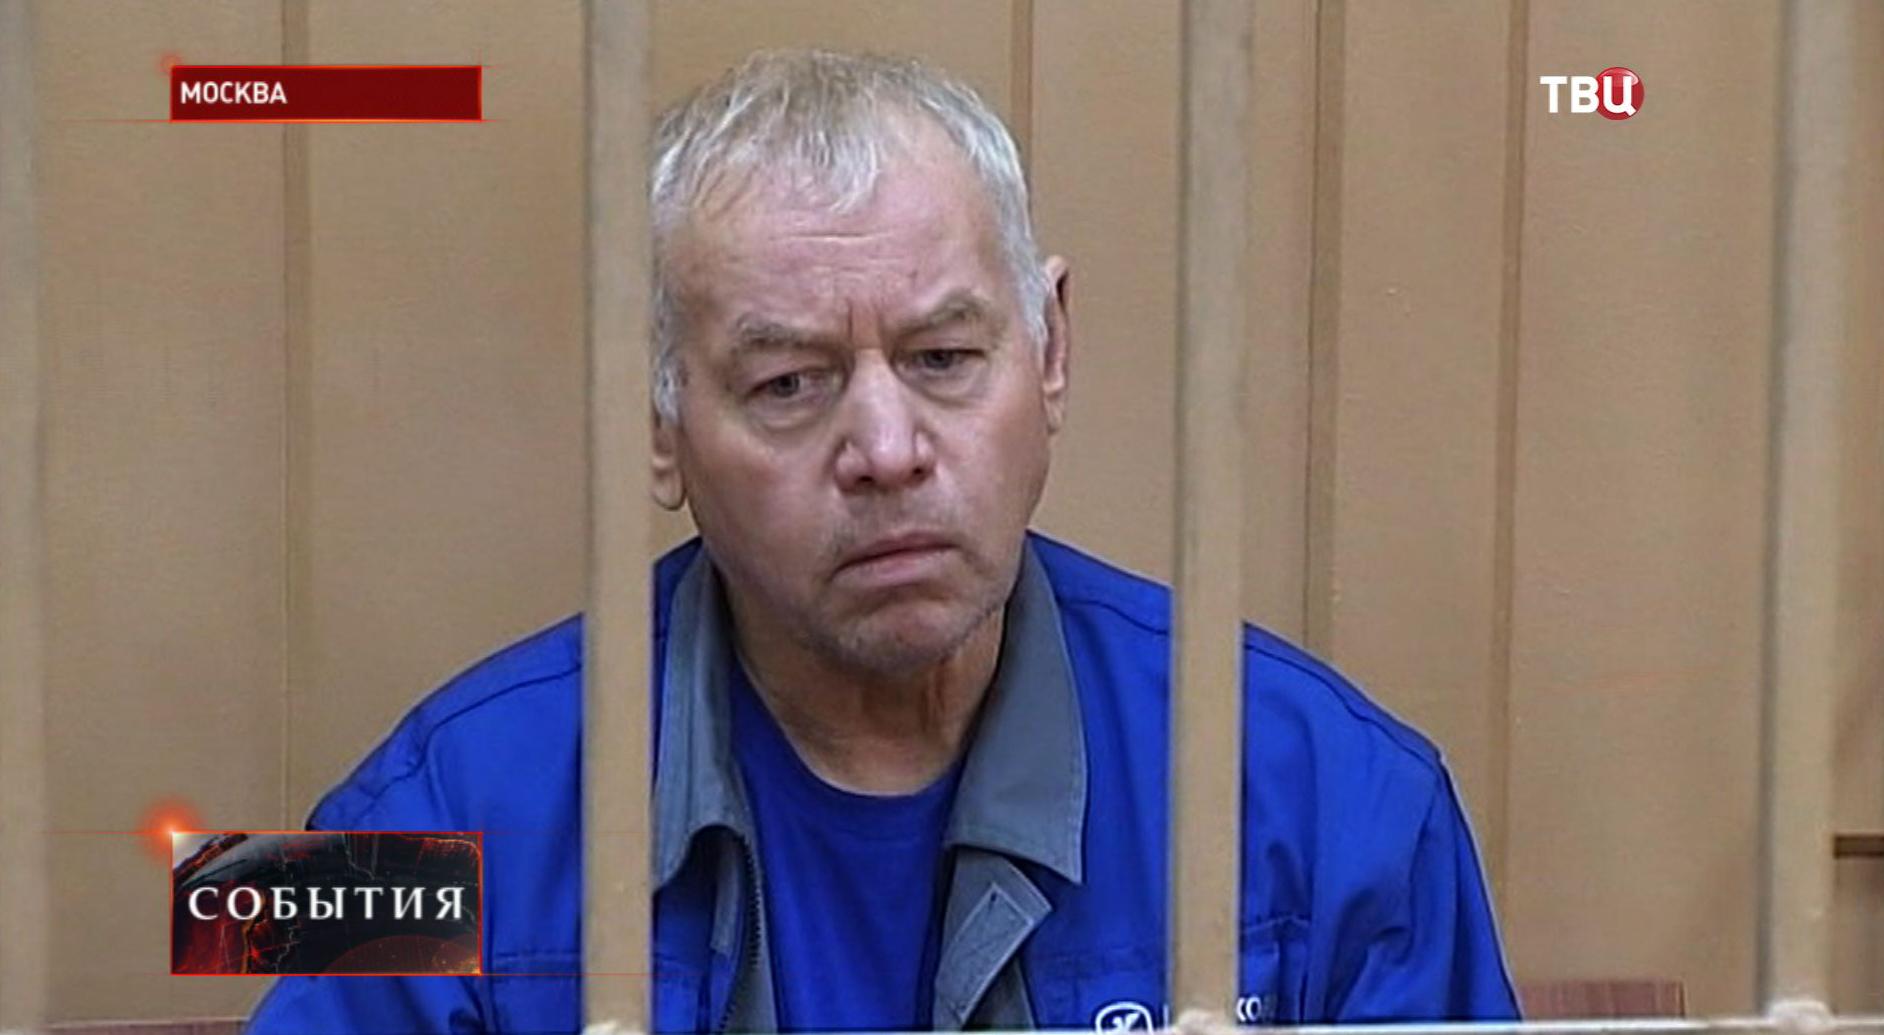 Водитель снегоуборочной машины Владимир Мартыненко в зале суда